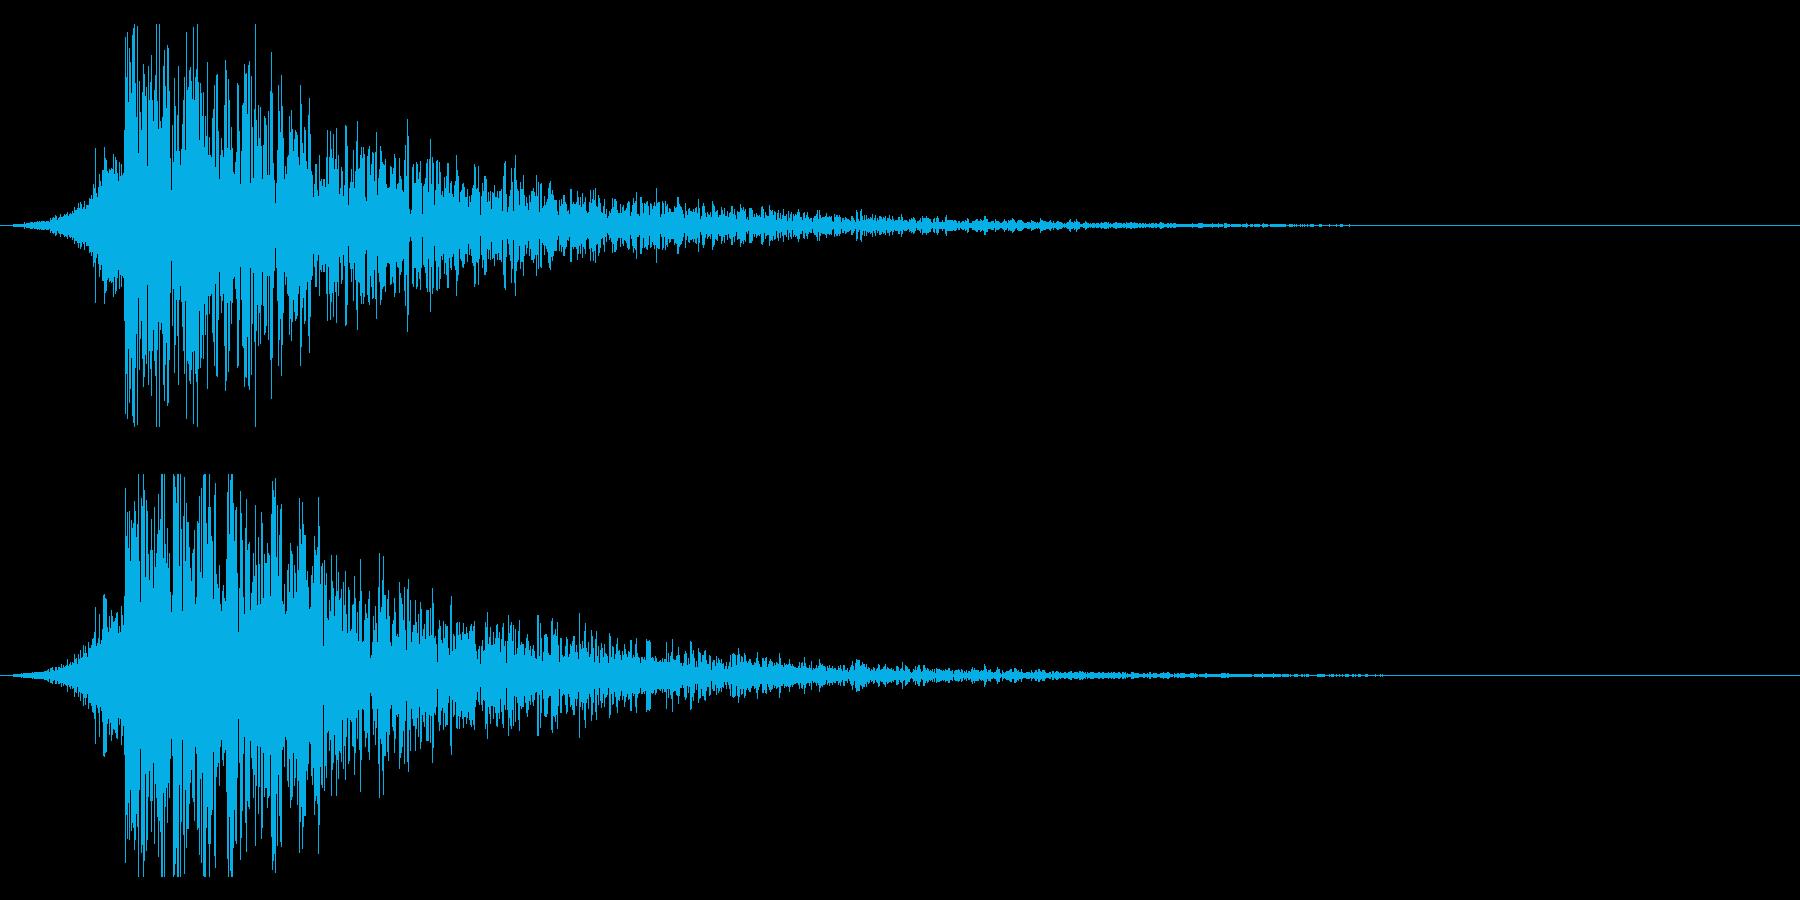 シュードーン-20-1(インパクト音)の再生済みの波形